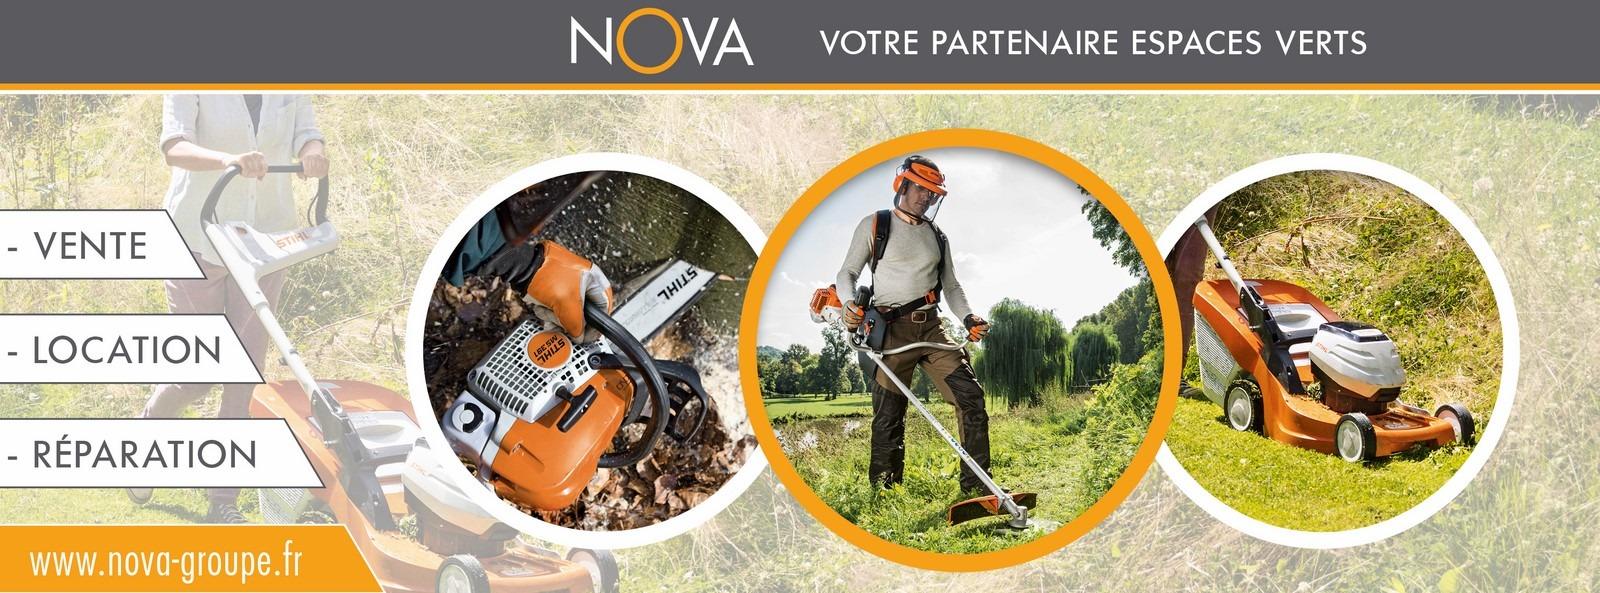 materiel entretien espace vert stihl viking NOVA